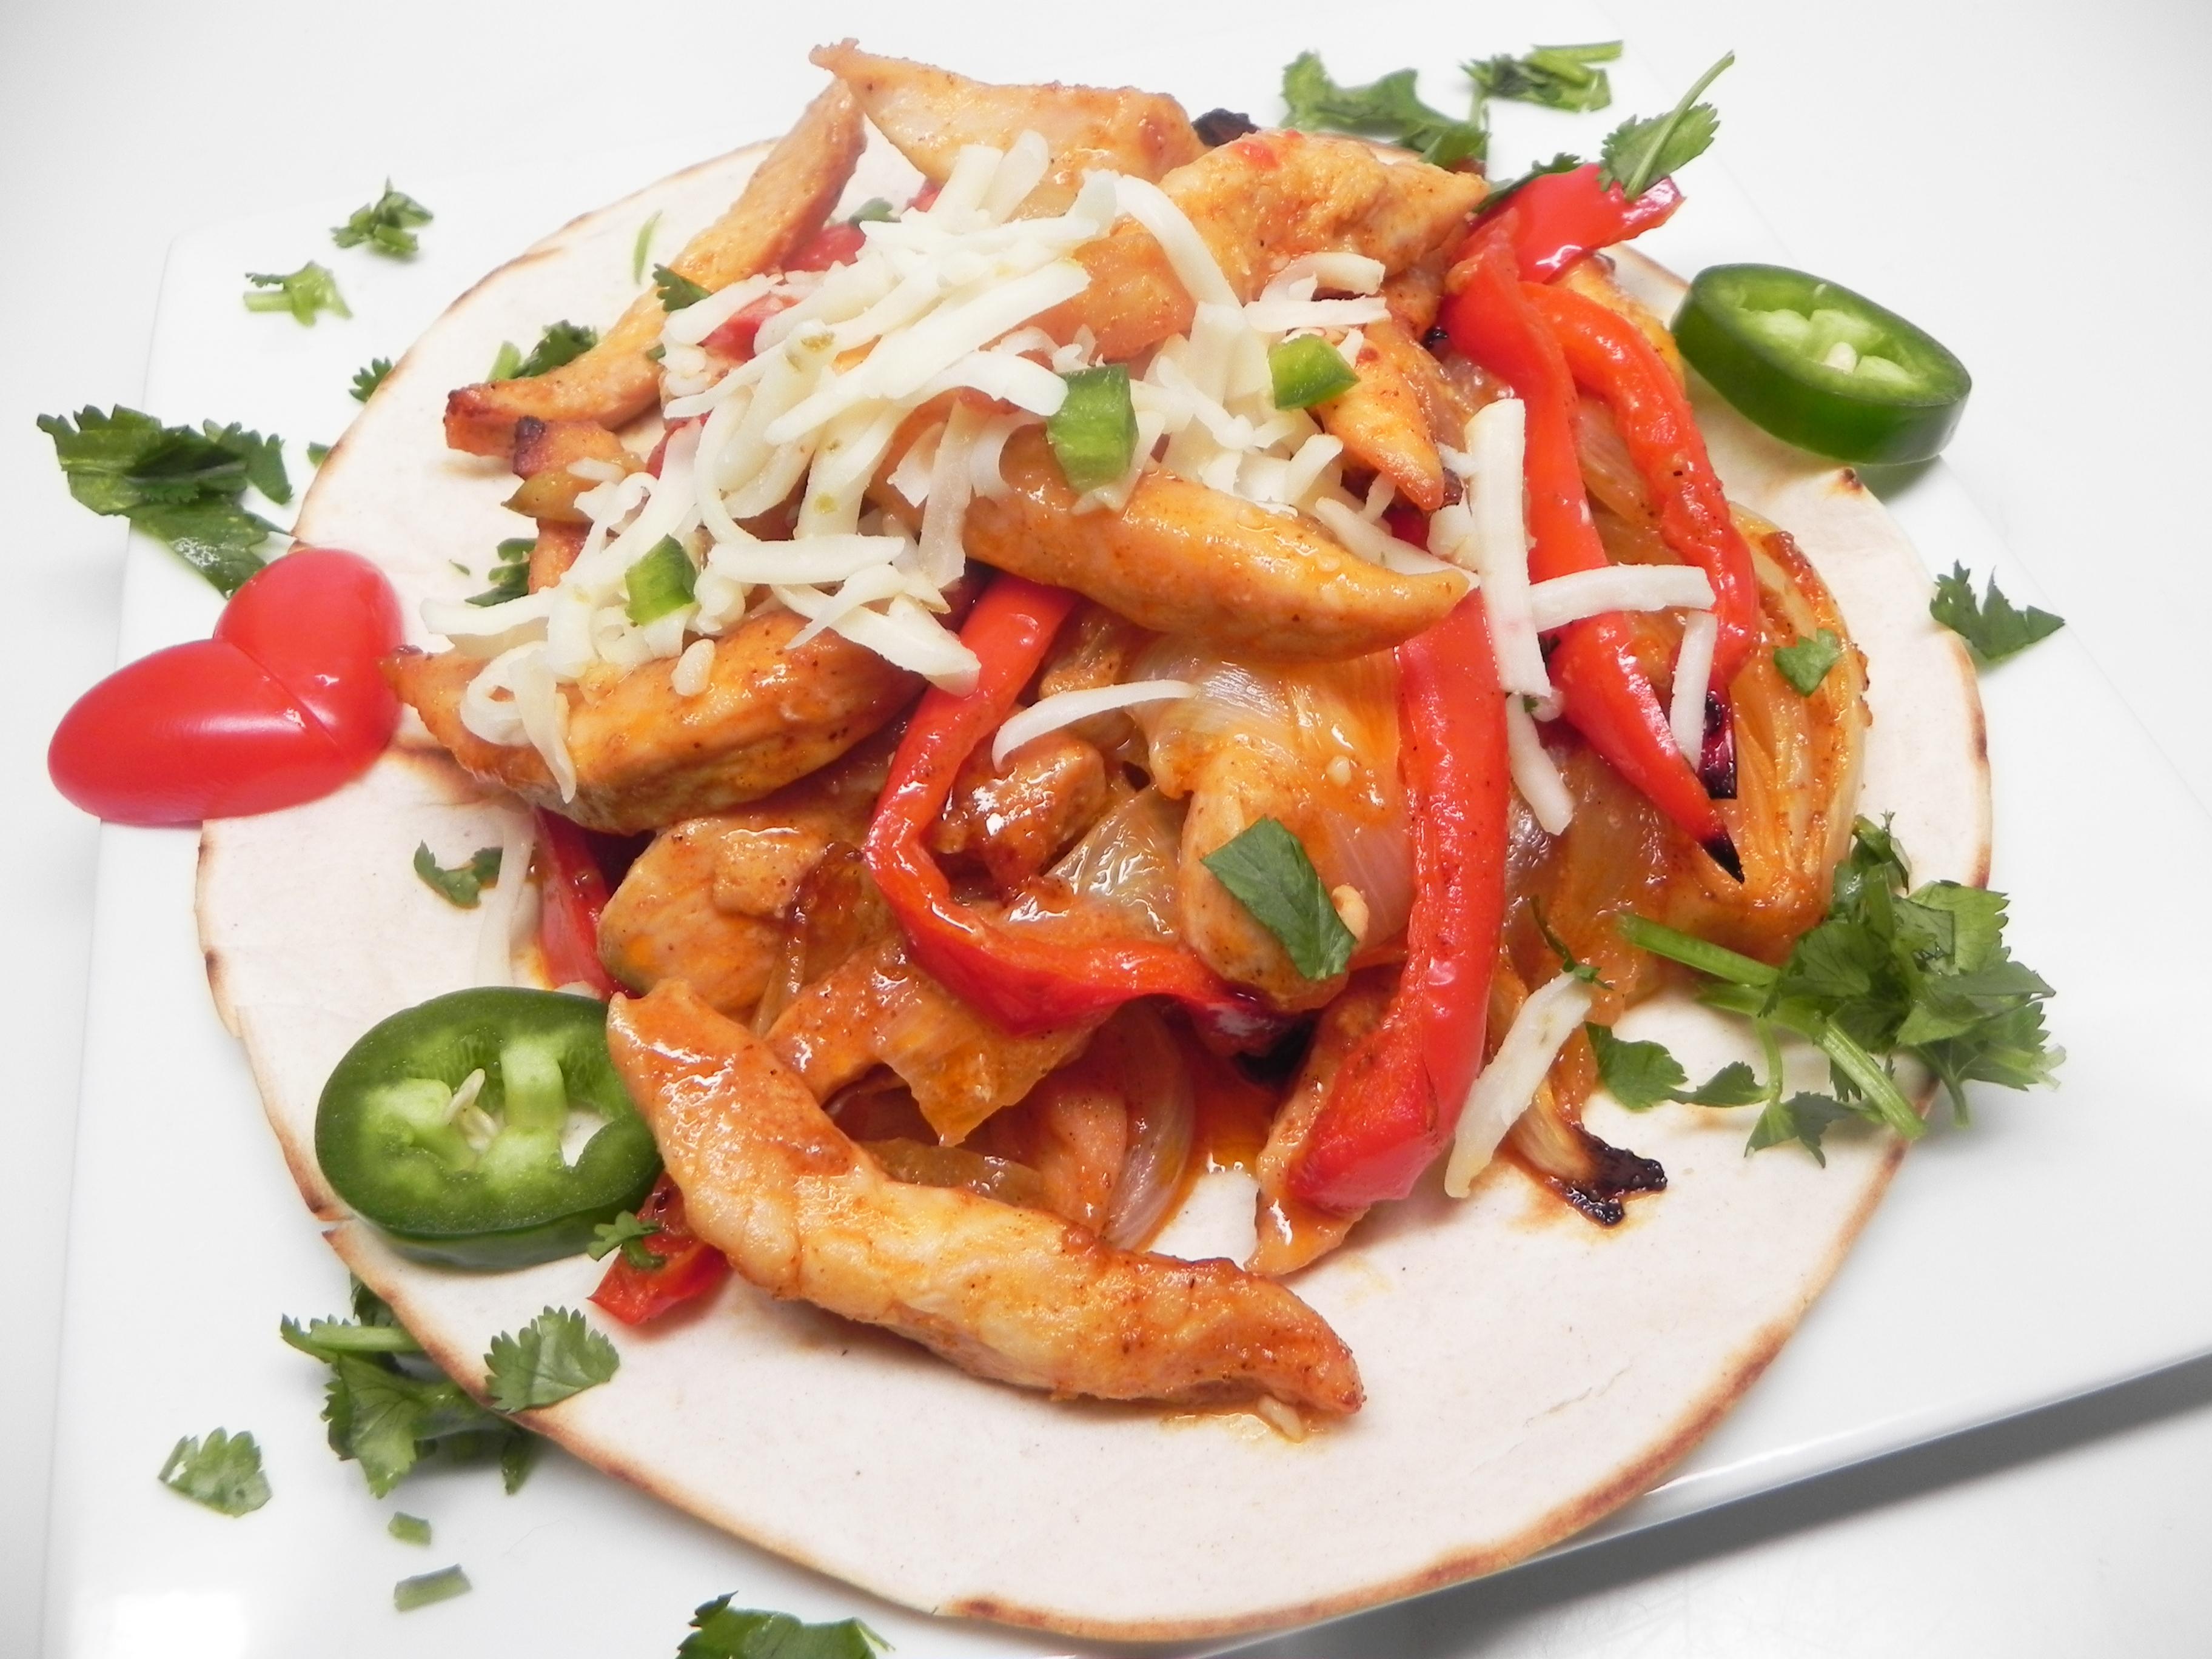 Oven-Baked Chicken Fajitas